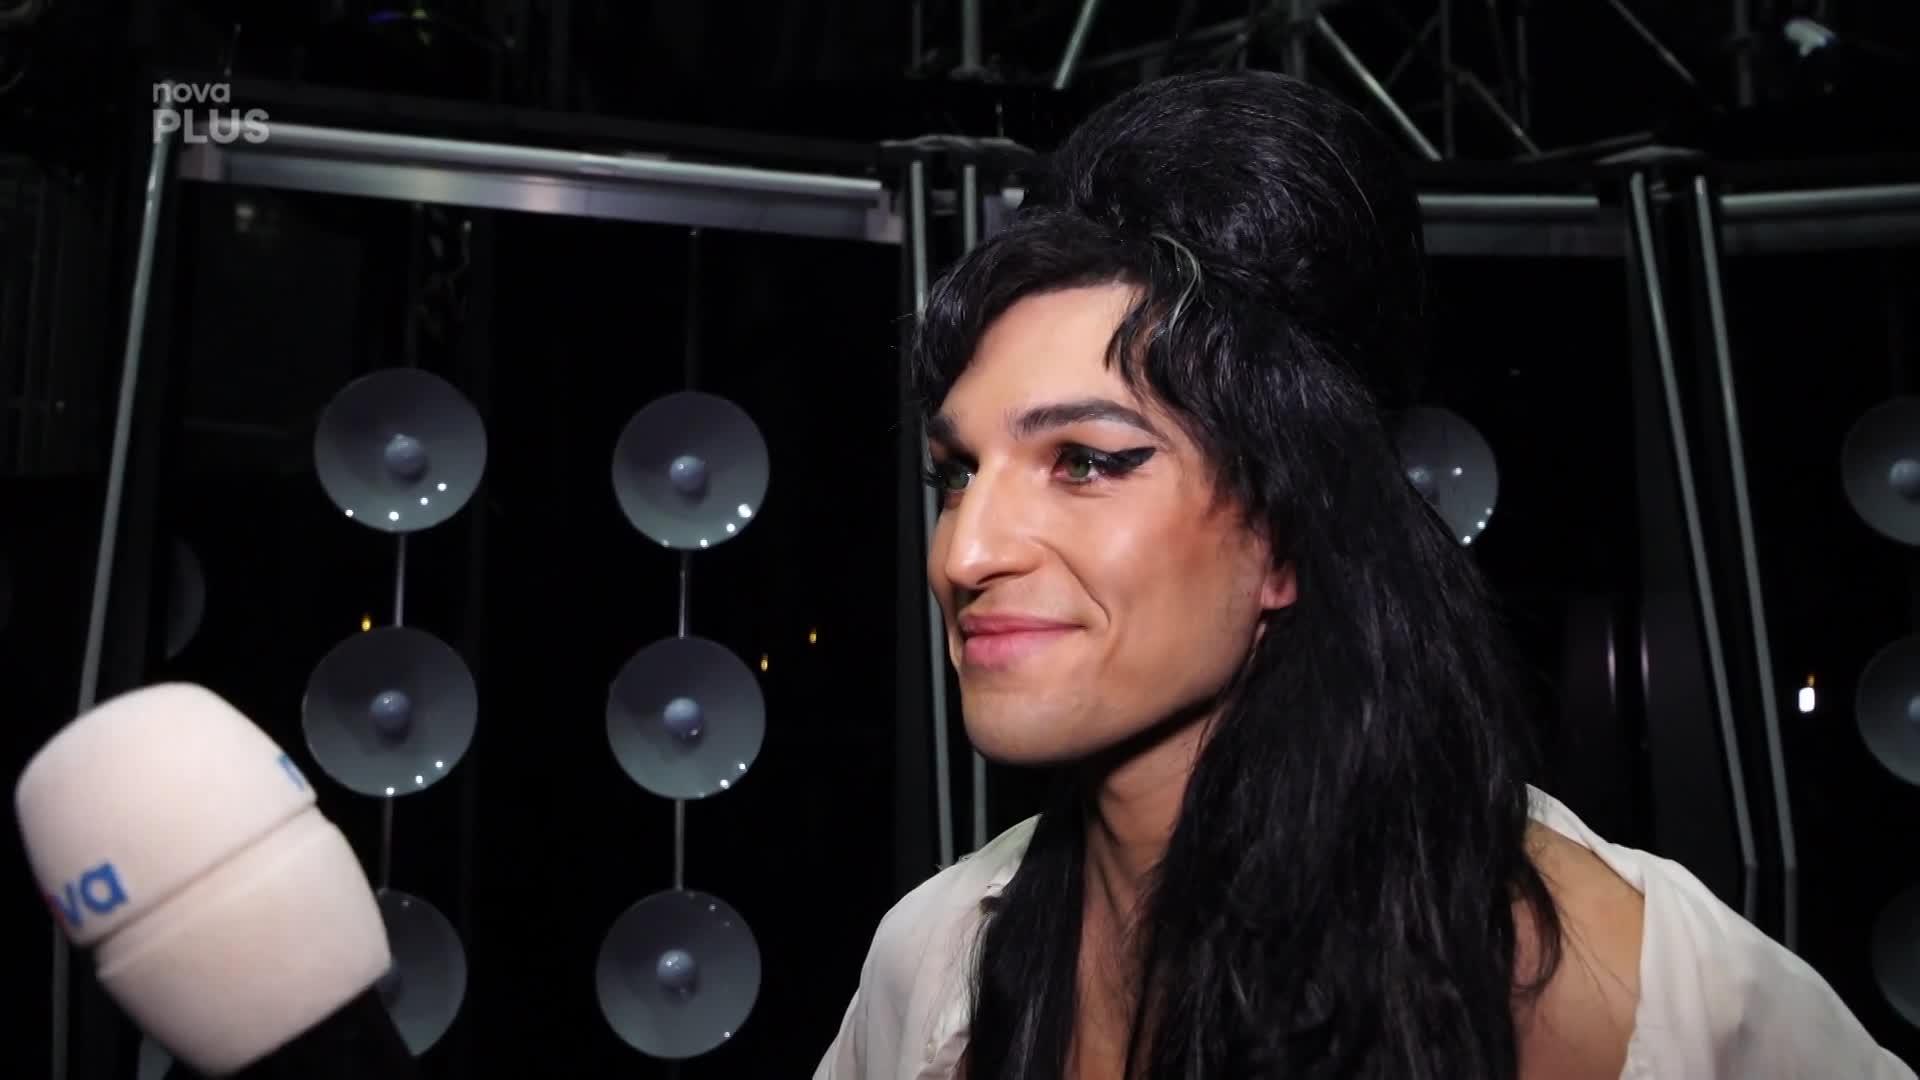 Bonusové reportáže 2020 TTMZH - backstage rozhovory - Jordan Haj vítězství 7. ep B095147